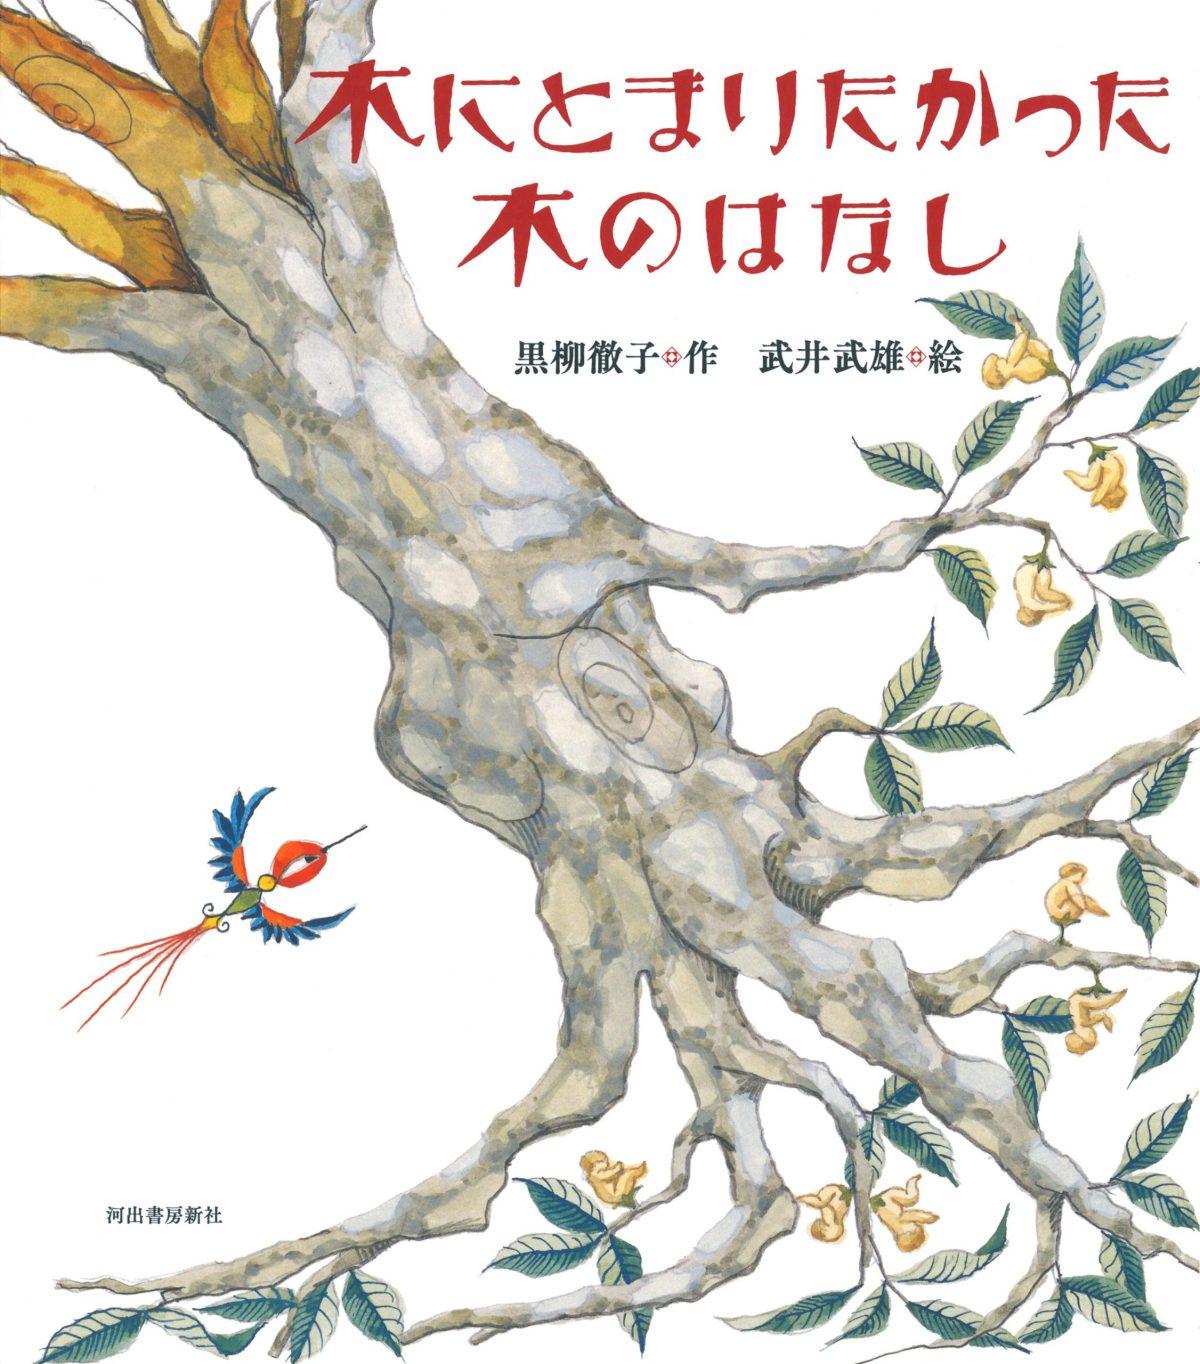 絵本「木にとまりたかった木のはなし」の表紙